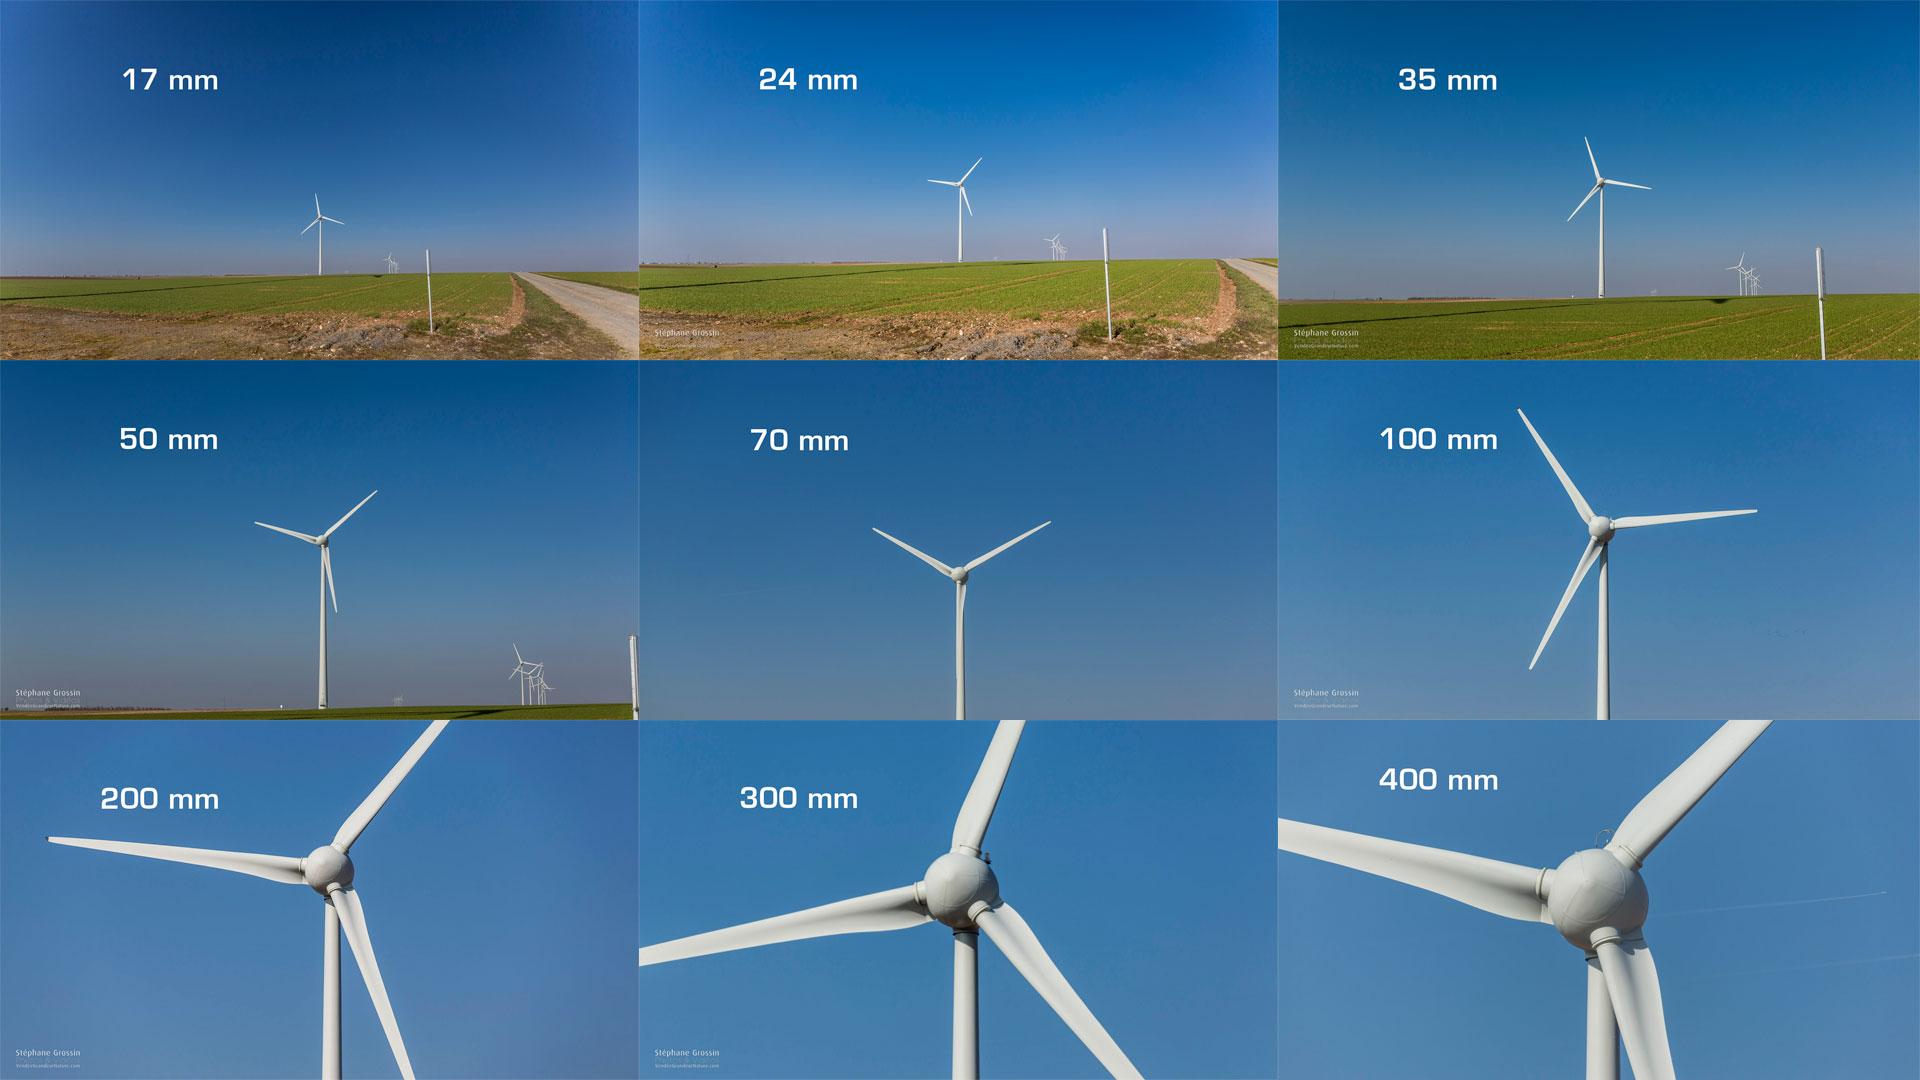 Les différentes focales des objectifs vues dans la vidéo